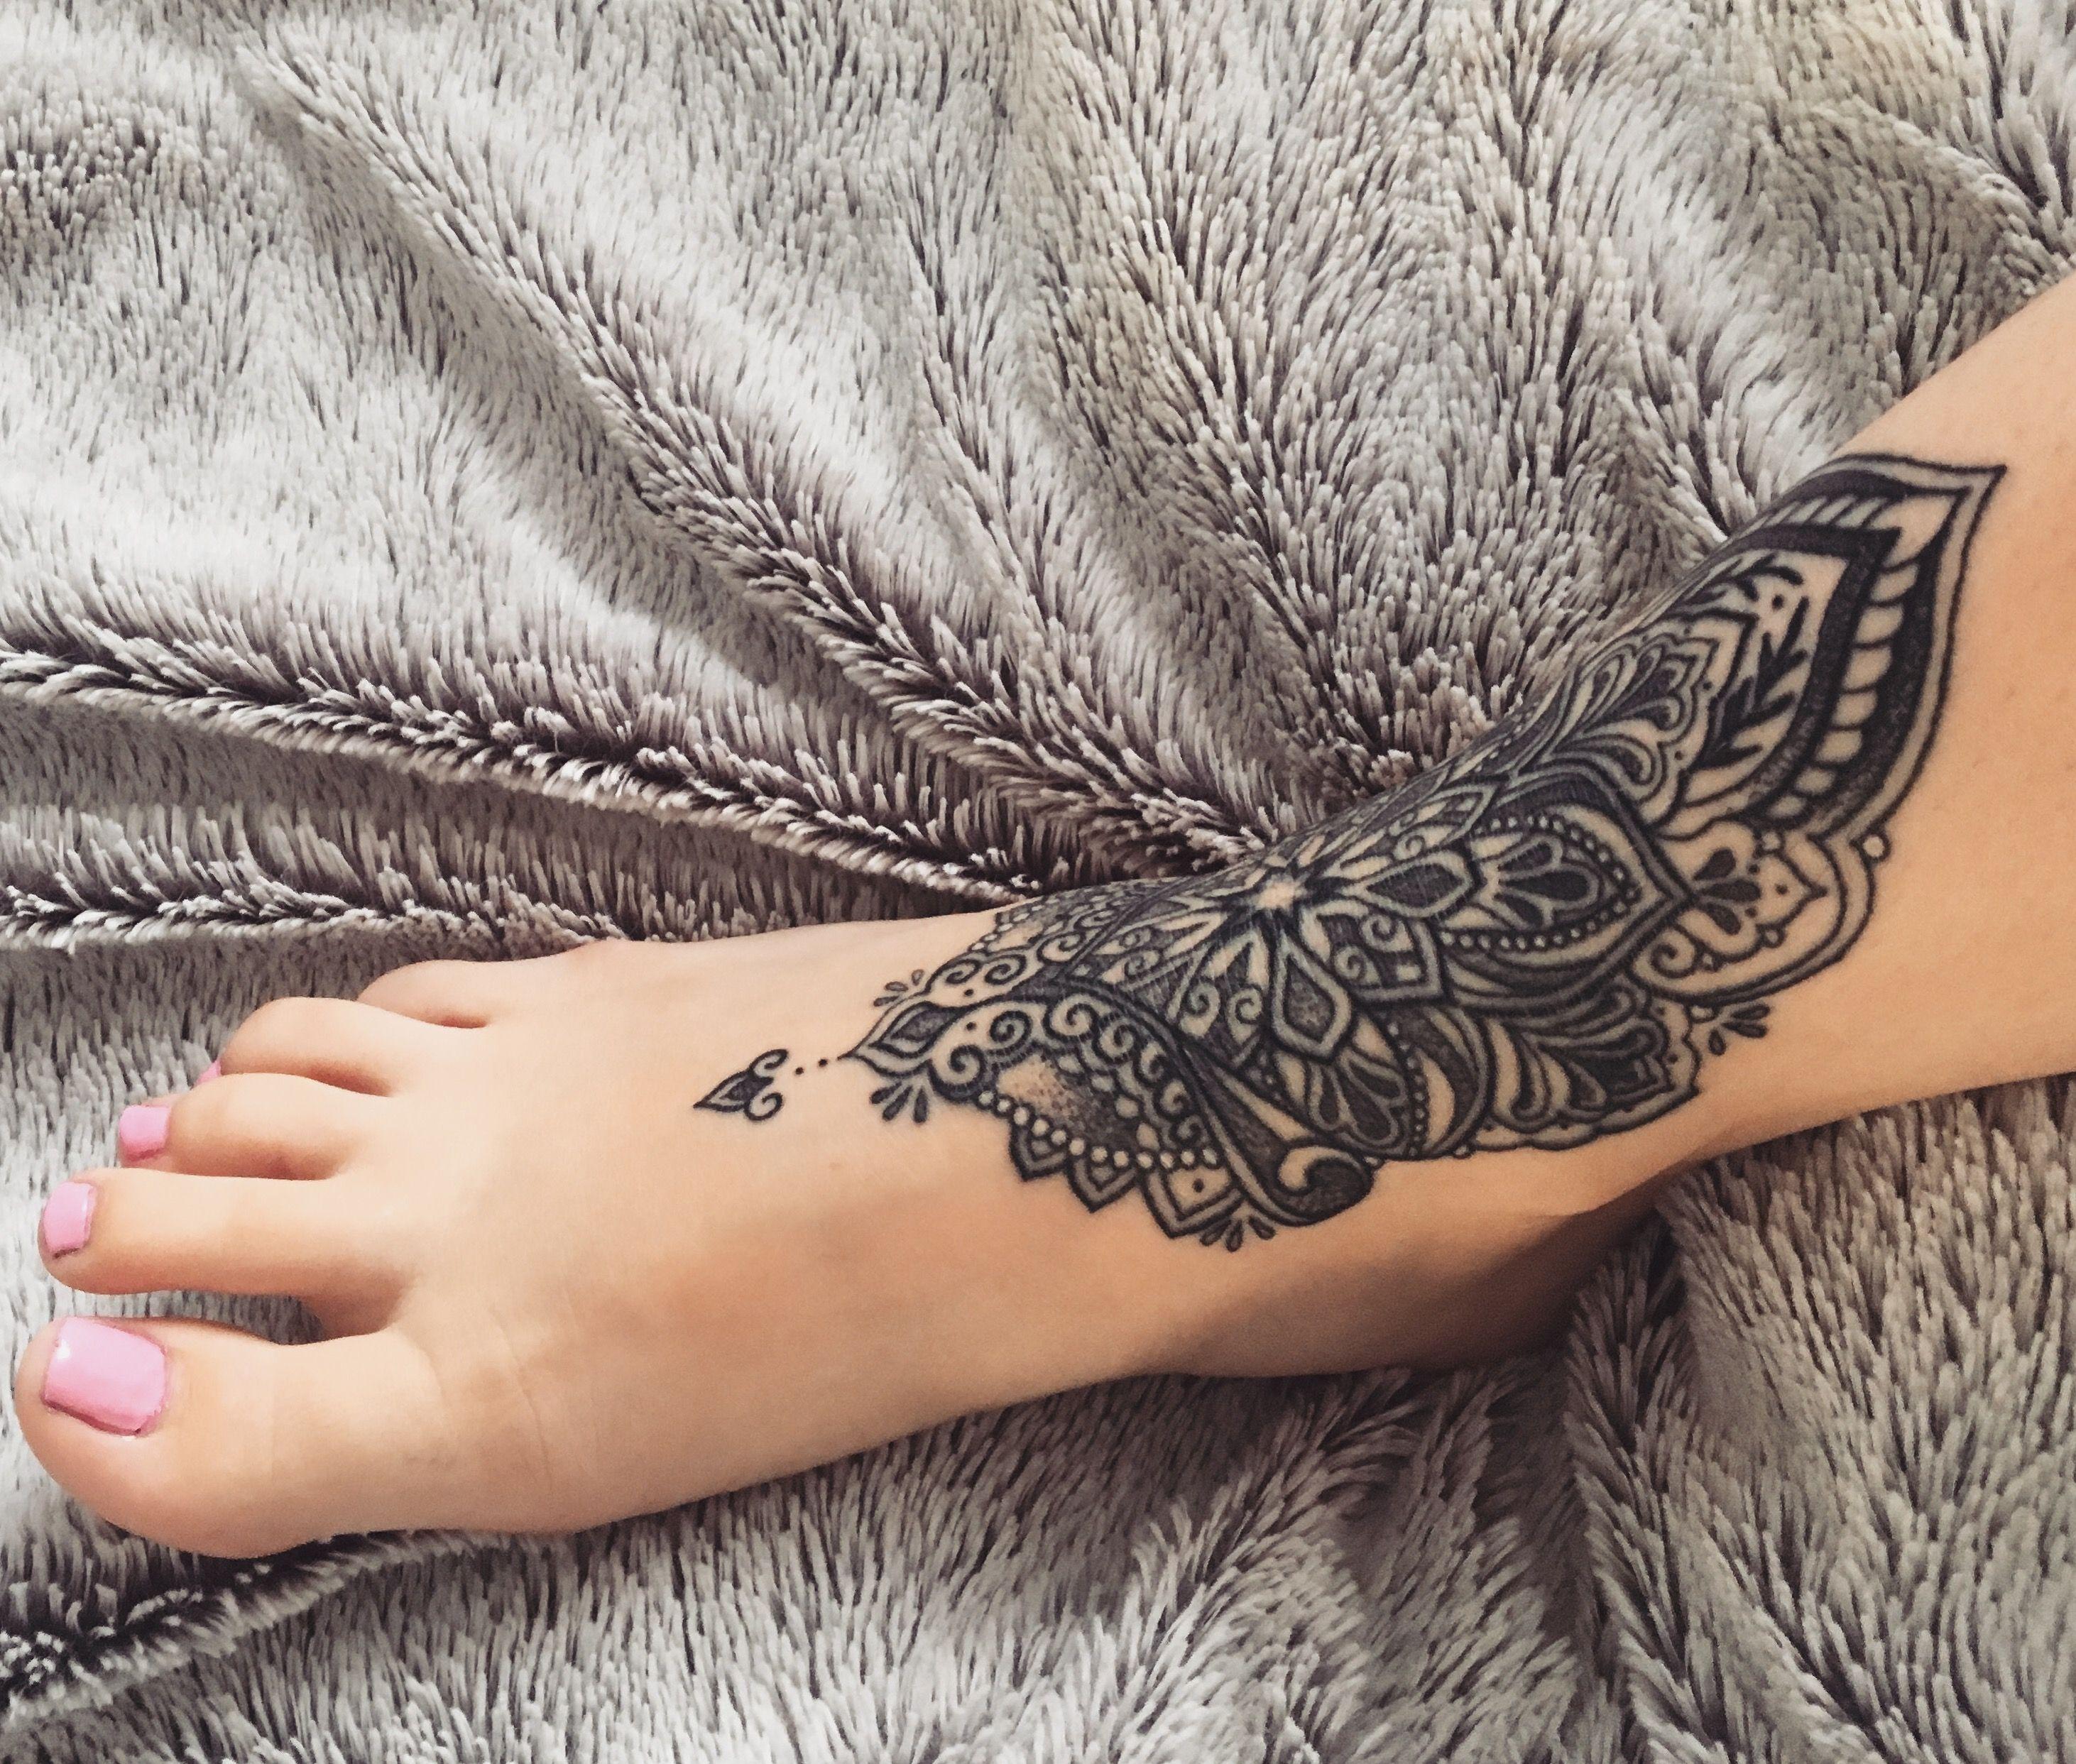 Mandala Tattoo Foot Tattoos Girls Ankle Tattoo Mandala Foot Tattoos